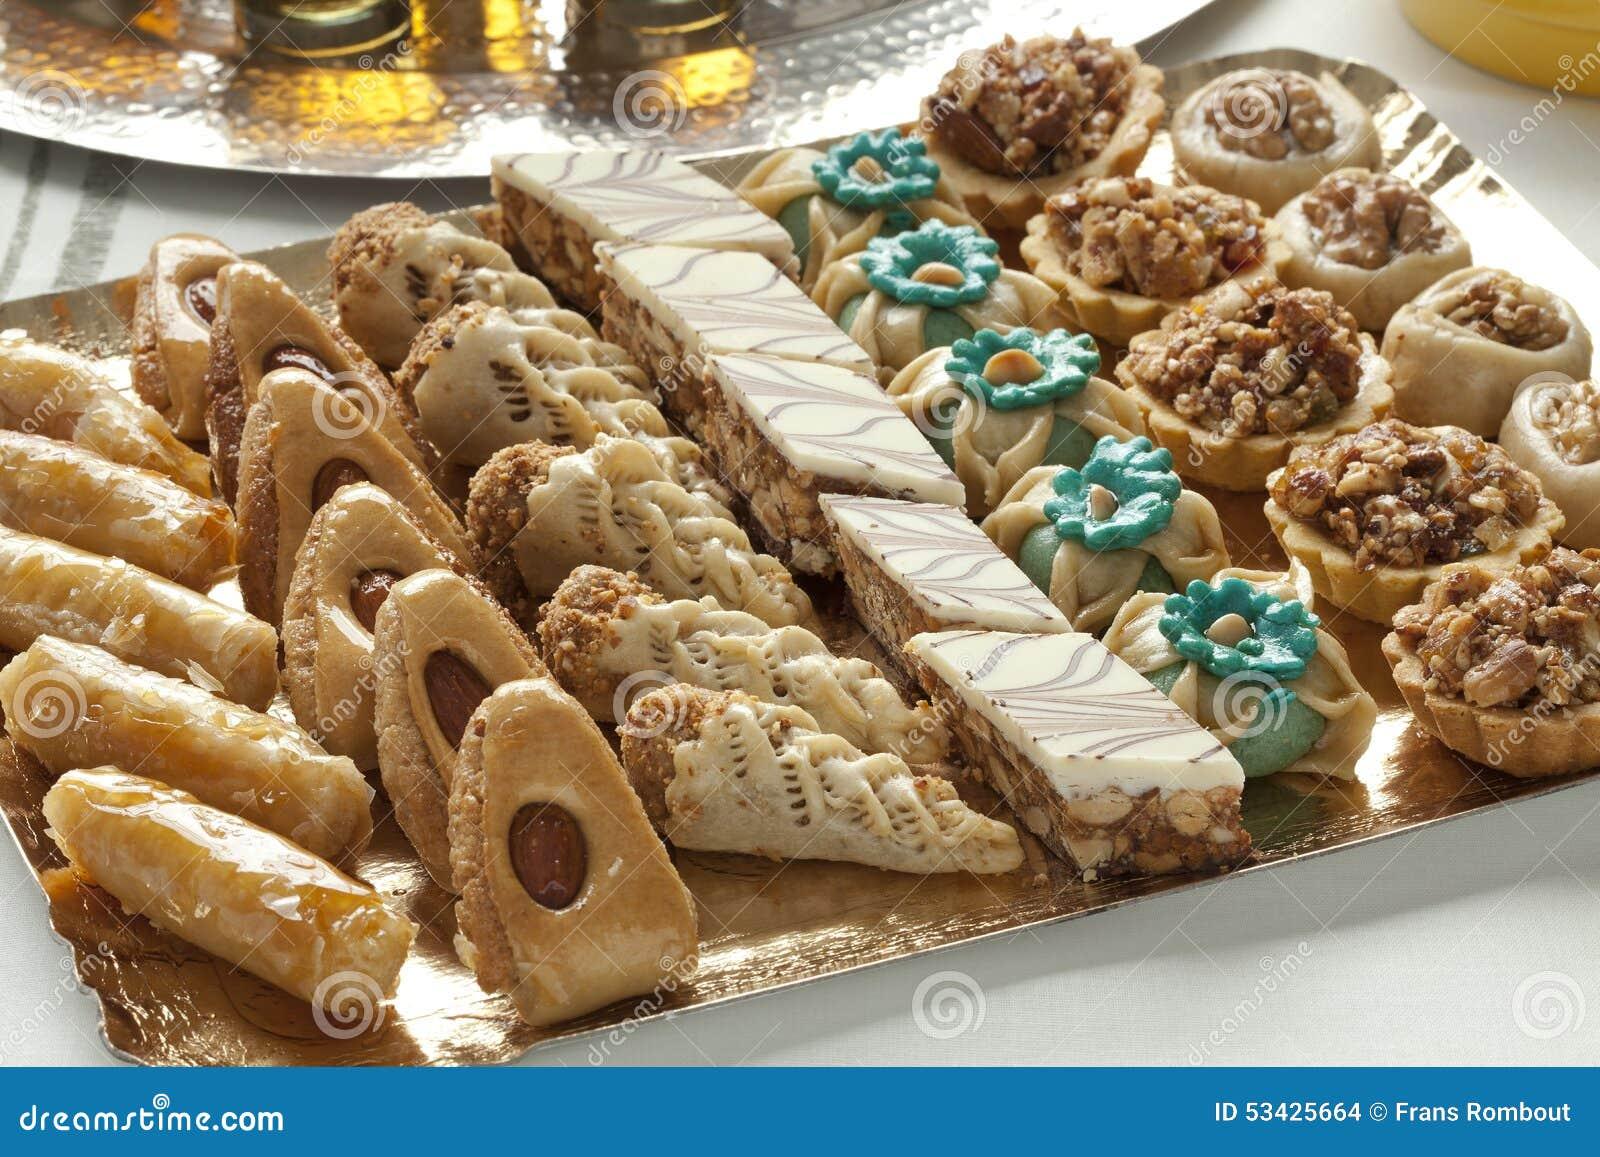 Biscuits marocains cuits au four frais